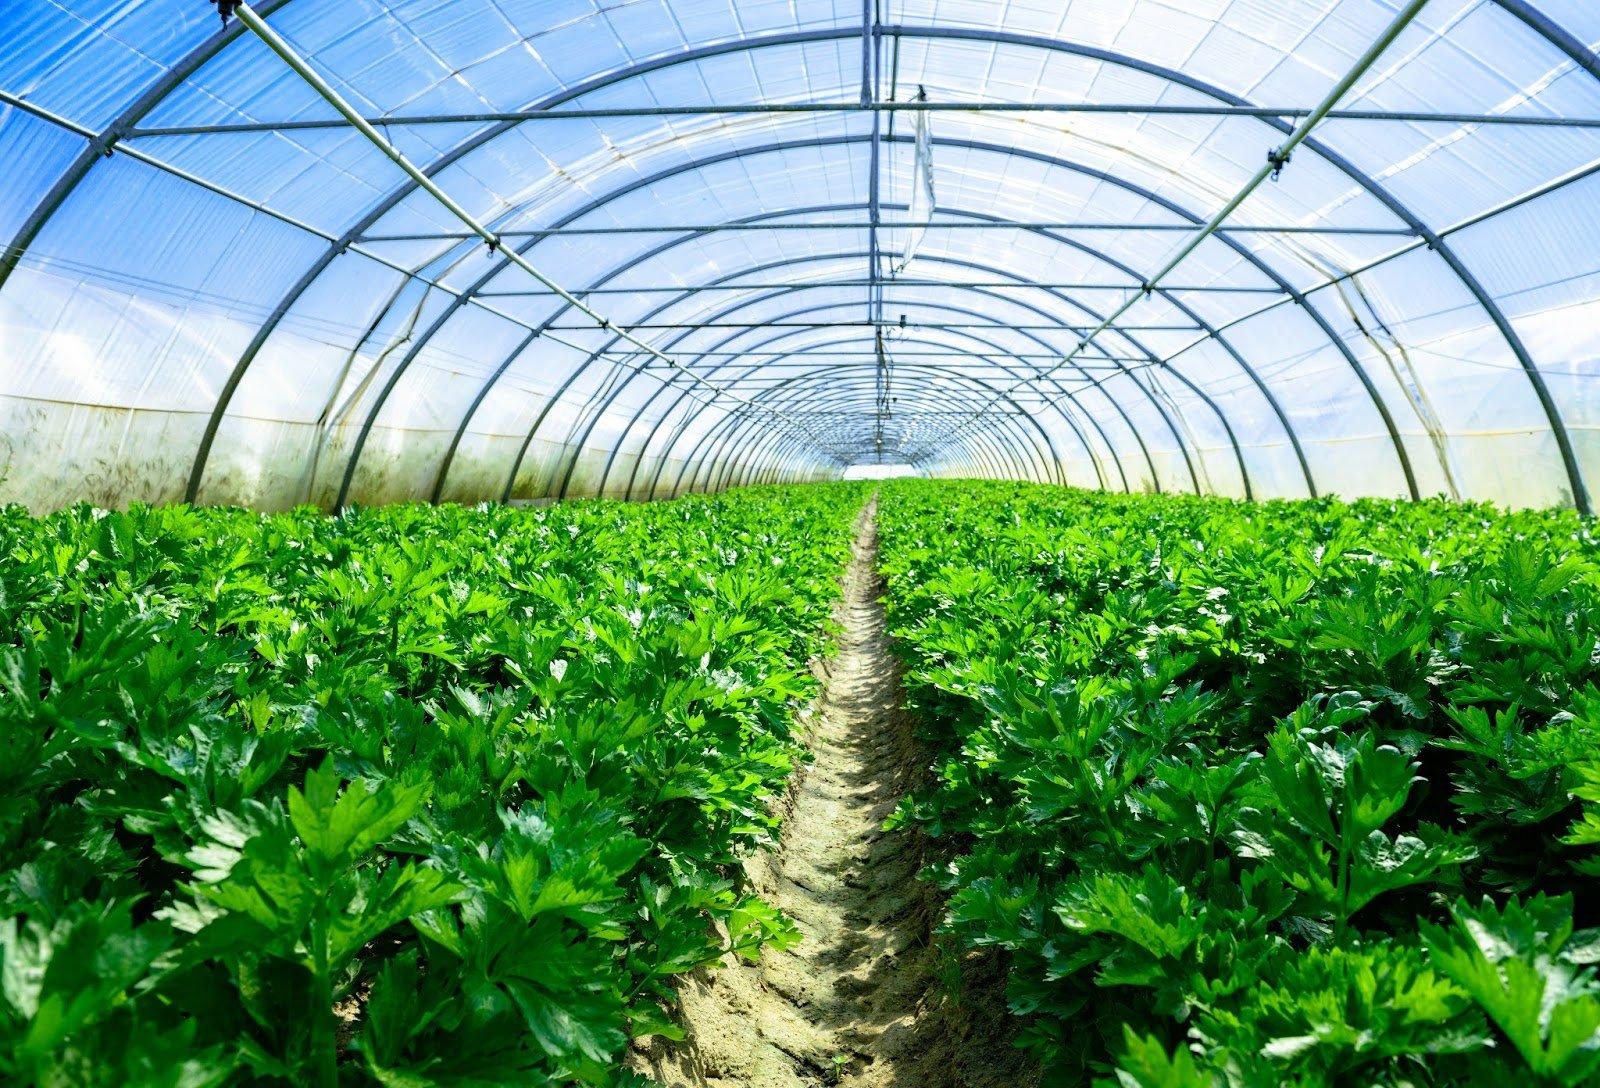 Nhà kính nông nghiệp sử dụng tấm lợp lấy sáng để ngăn chặn các tia cực tím gây hại cho cây trồng